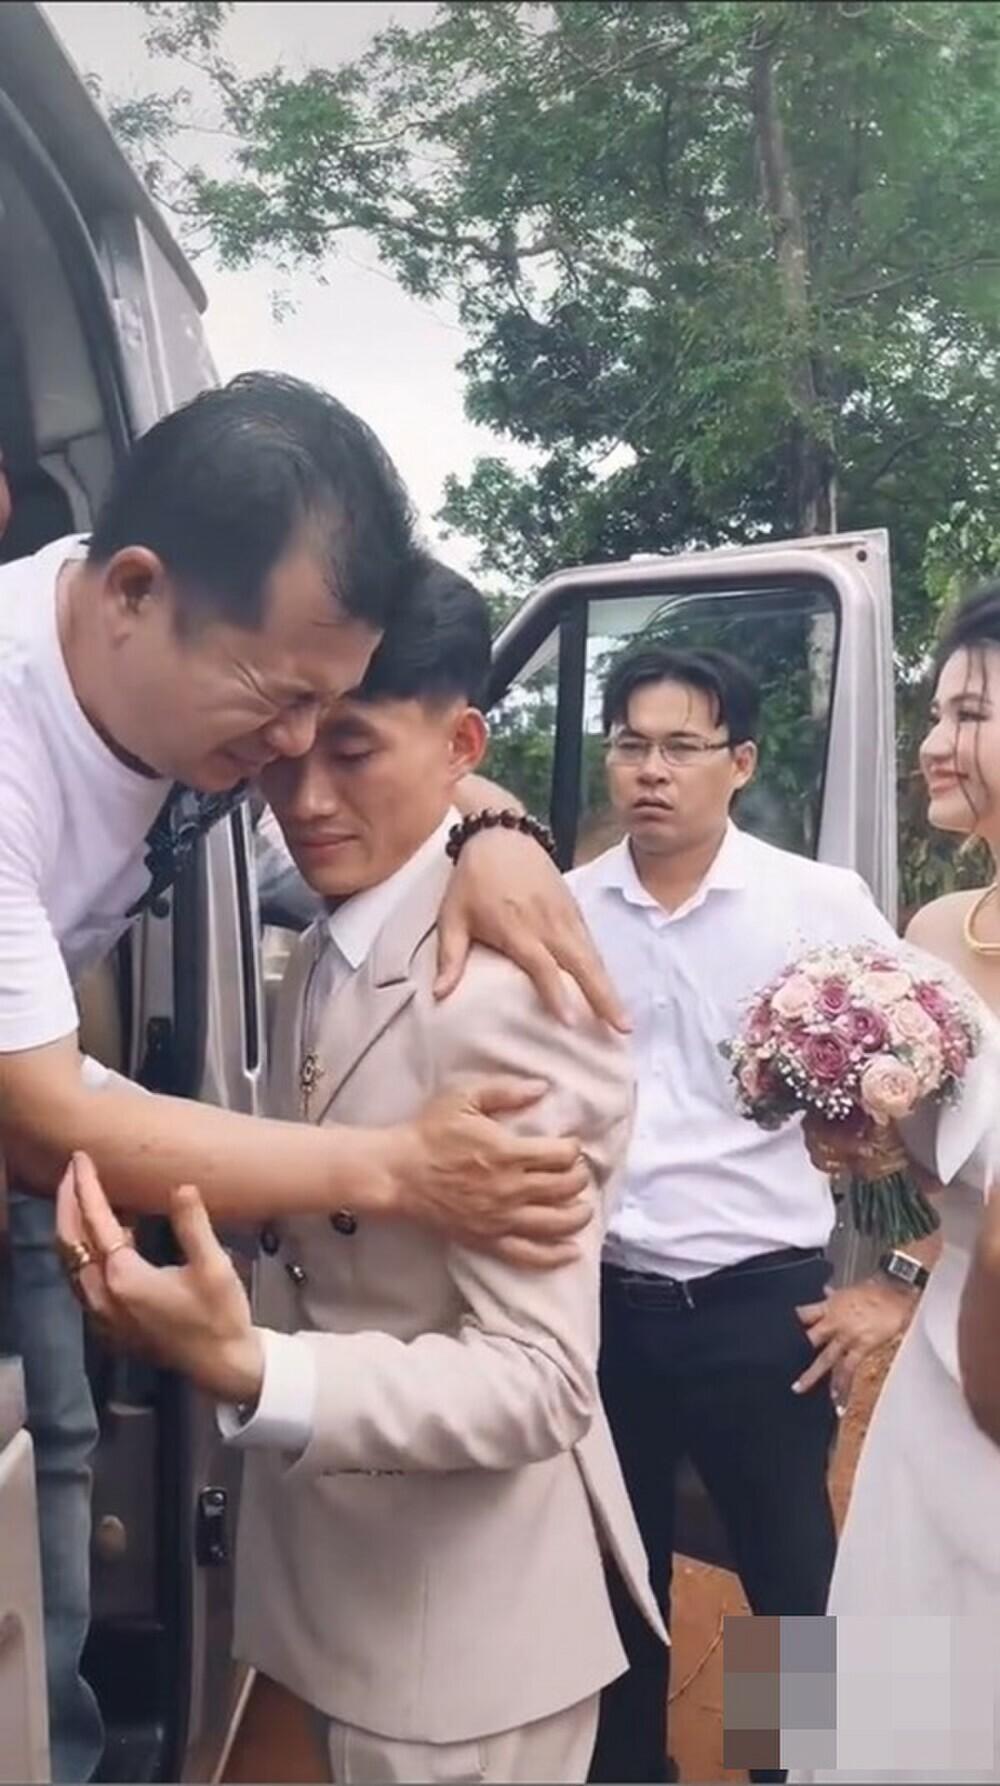 Tiễn gia đình nhà gái về sau đám cưới, chú rể ôm bố vợ khóc nức nở khiến dân mạng thích thú